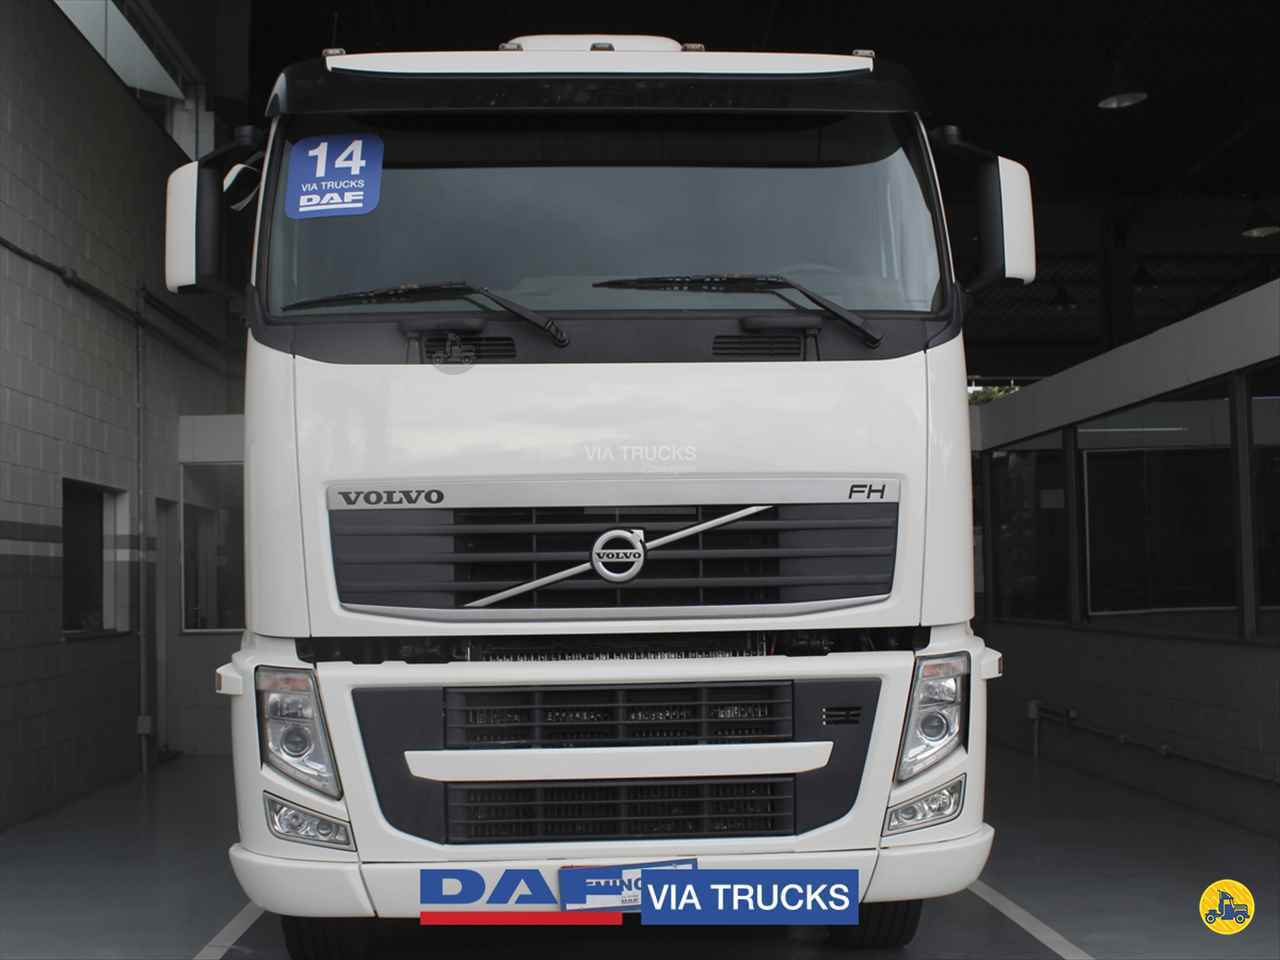 CAMINHAO VOLVO VOLVO FH 460 Chassis Traçado 6x4 Via Trucks - DAF CONTAGEM MINAS GERAIS MG